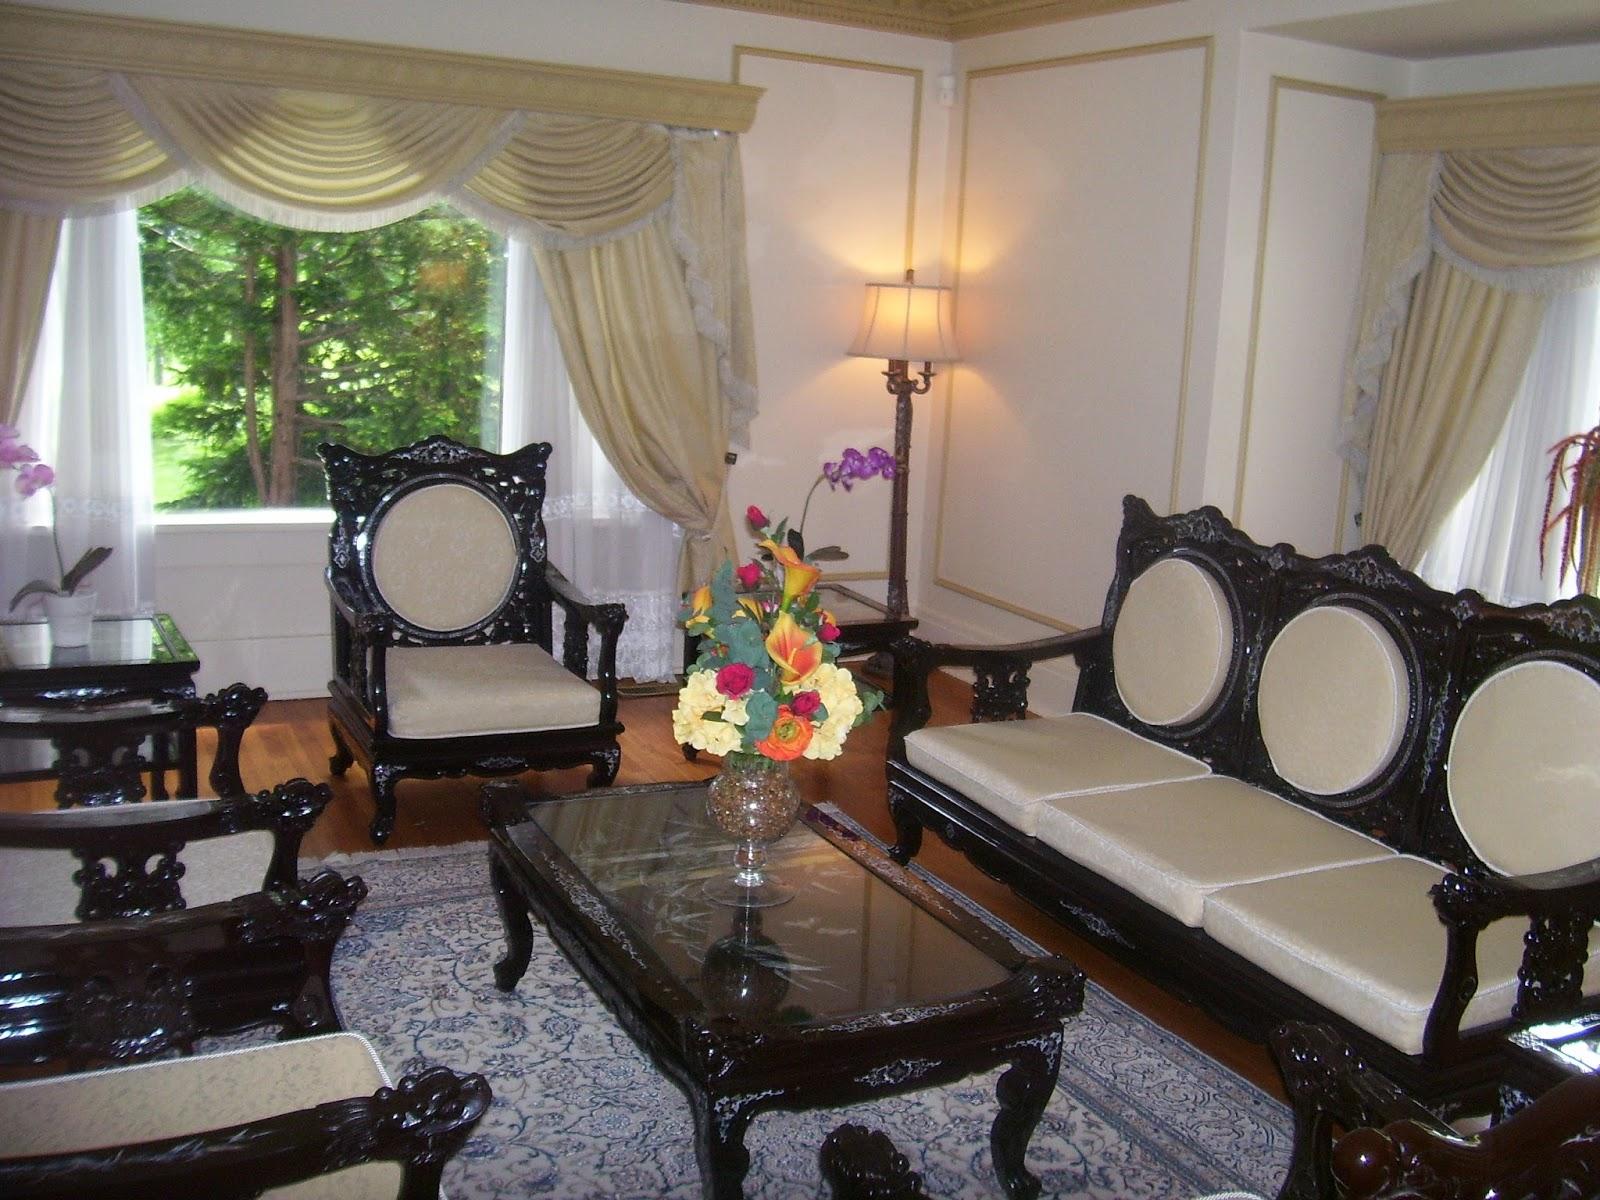 Glebe Decorative Home